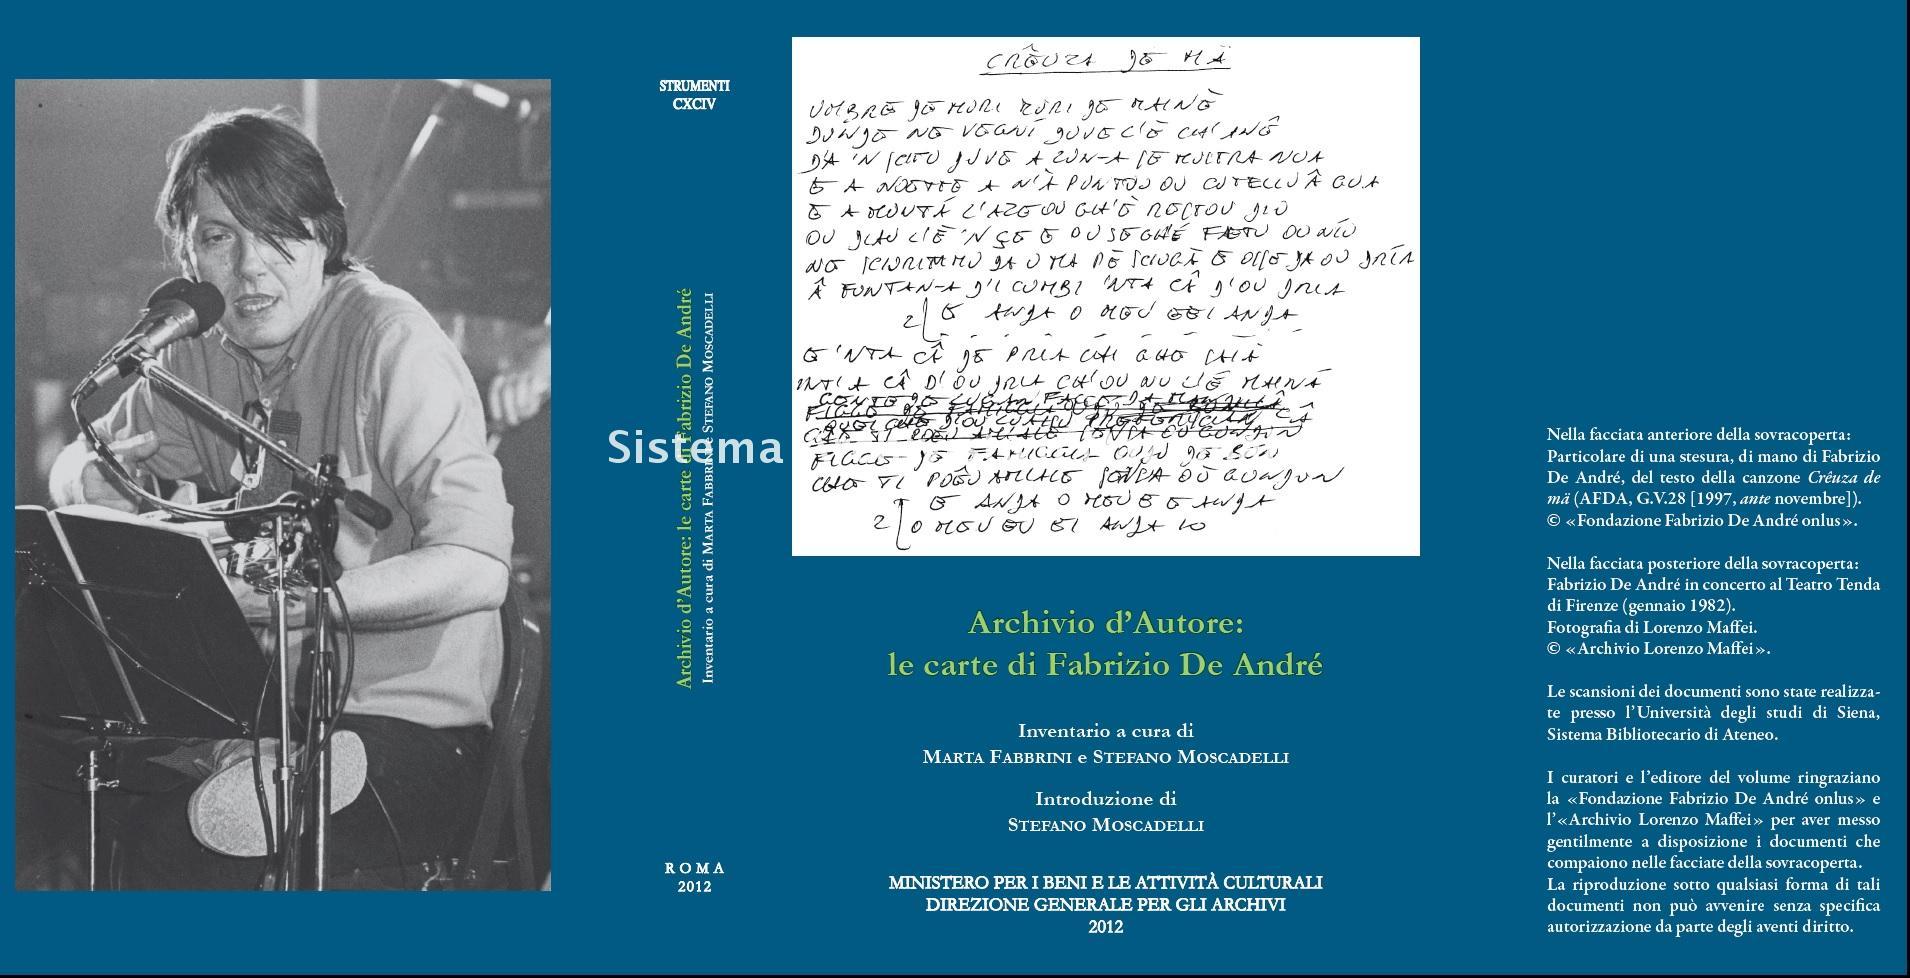 194. Archivio d'Autore: le carte di Fabrizio De André, a cura di Marta Fabbrini, Stefano Moscadelli, introduzione di Moscadelli Stefano, Roma, 2012